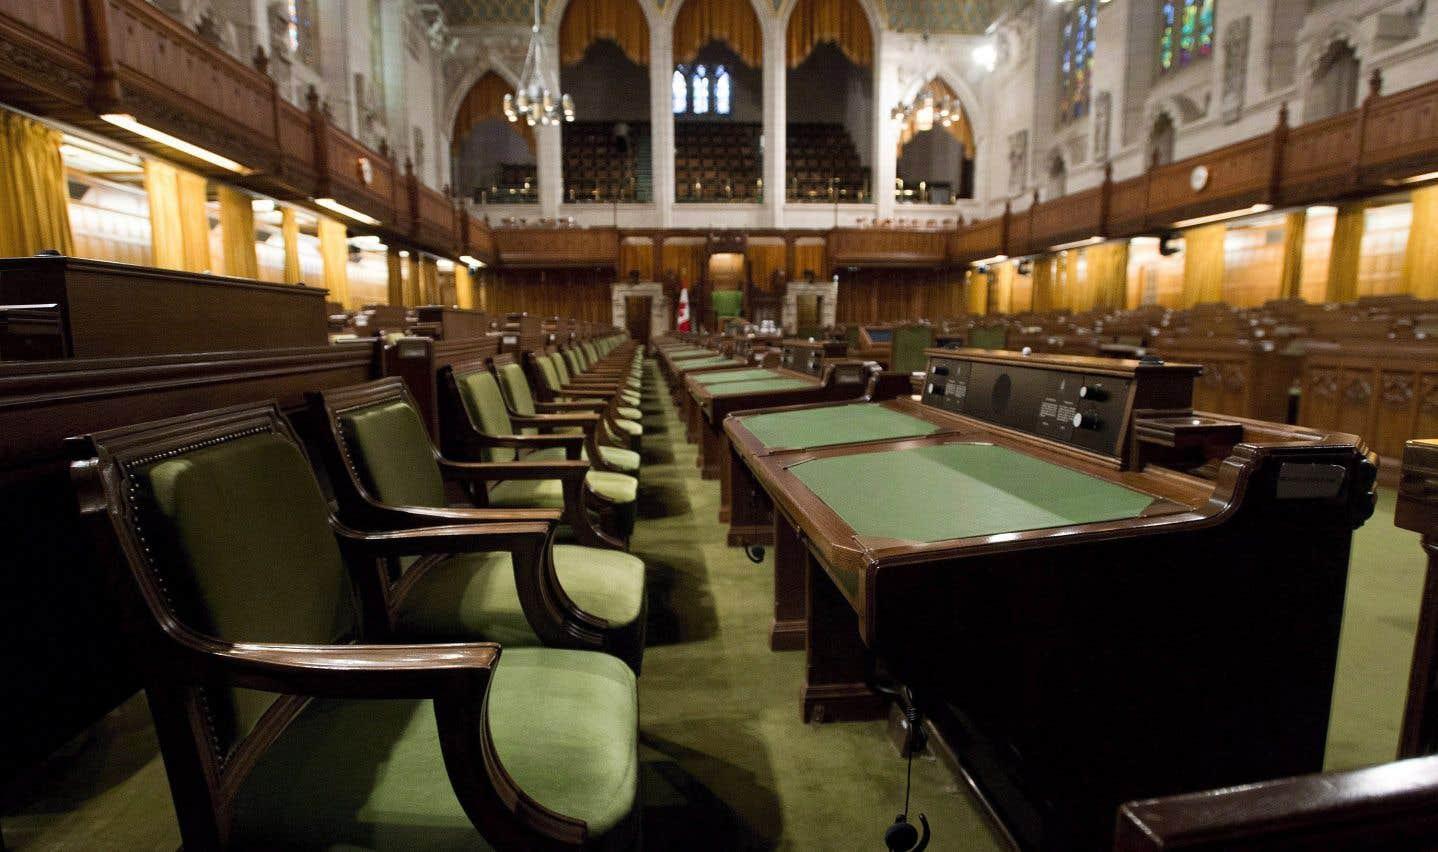 Les inconduites sexuelles n'épargnent pas le Parlement